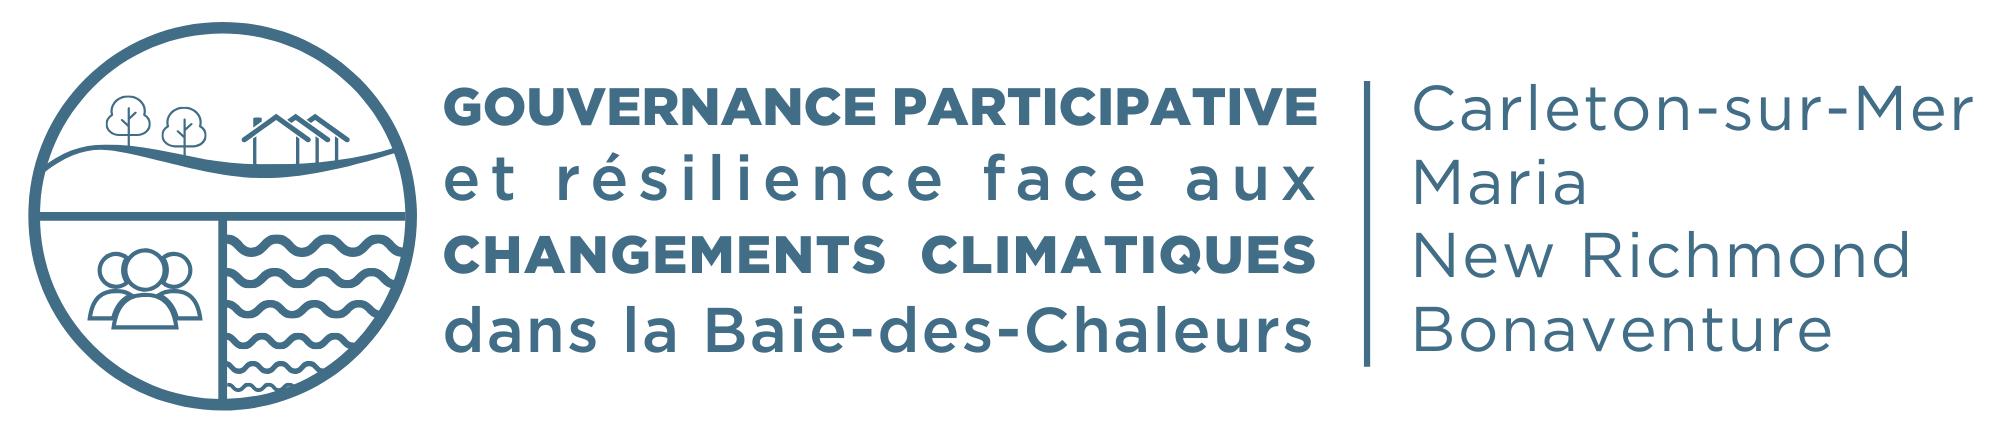 Gouvernance participative et résilience face aux changements climatiques dans la Baie-des-Chaleurs